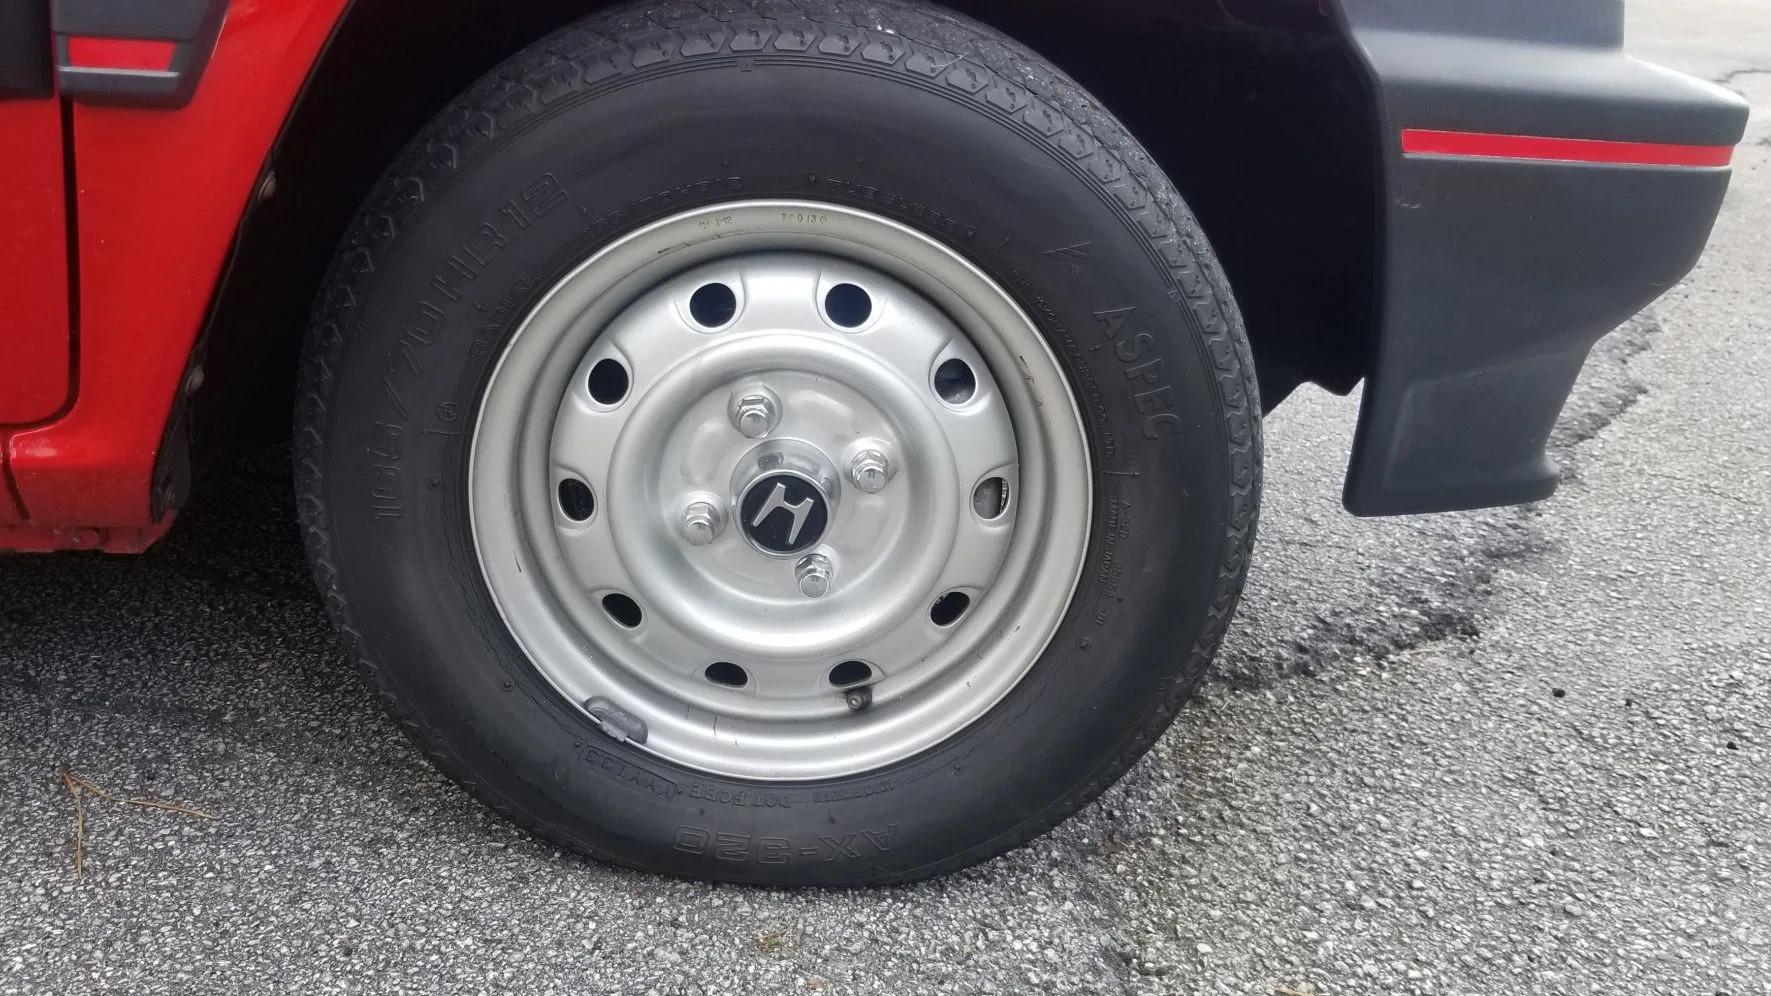 1983 Honda City Turbo rear detail